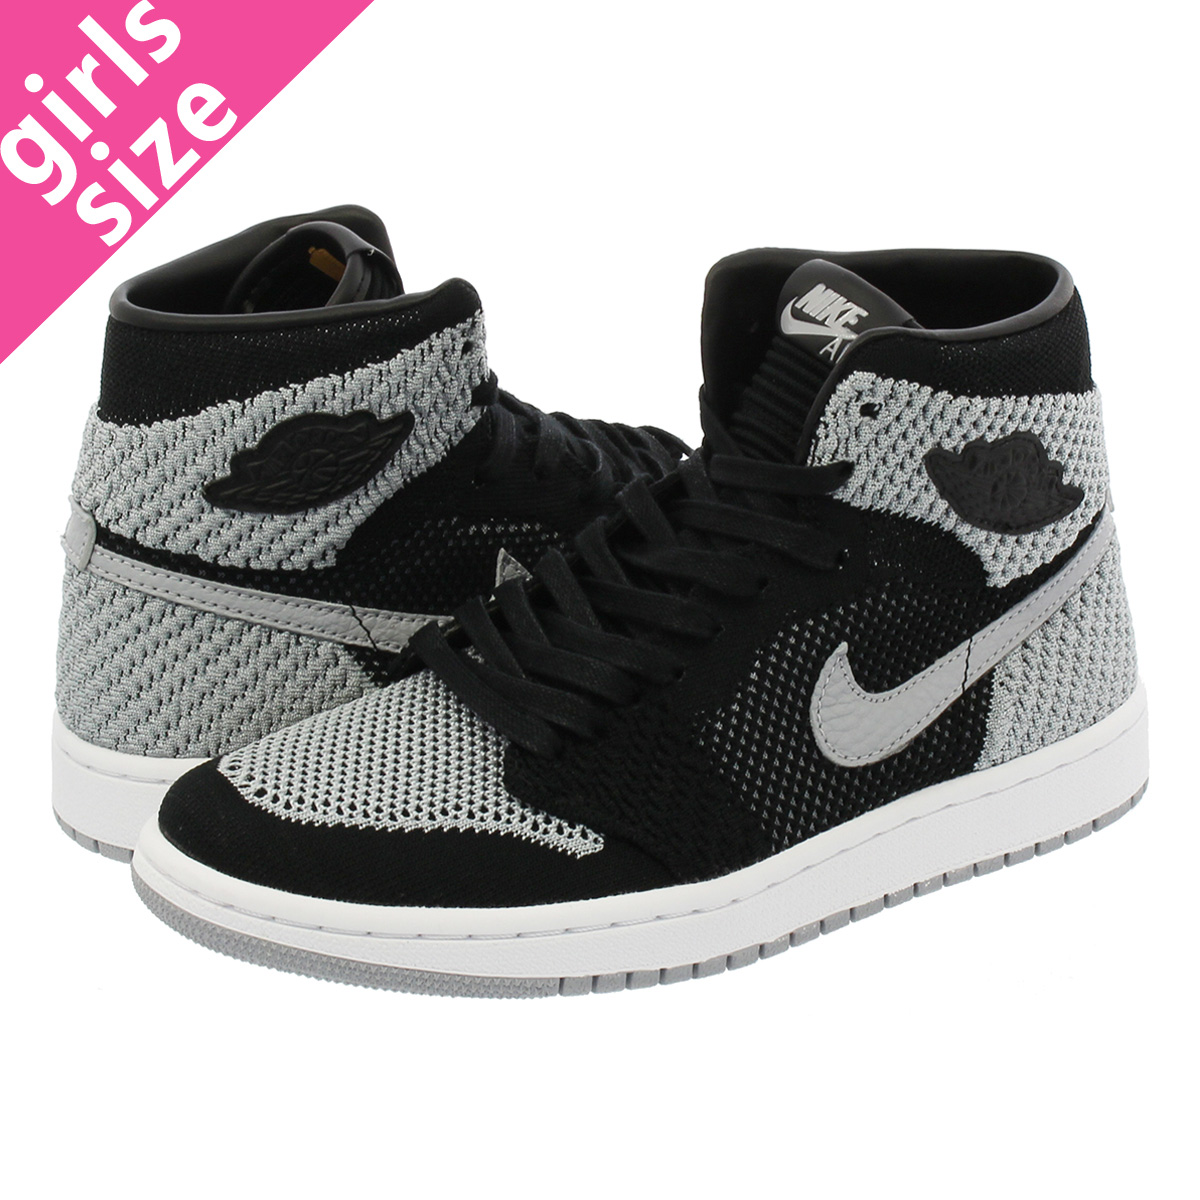 7f9dda4a33129 NIKE AIR JORDAN 1 RETRO HI FLYKNIT BG Nike Air Jordan 1 nostalgic high  fried food knit BG BLACK WOLF GREY WHITE